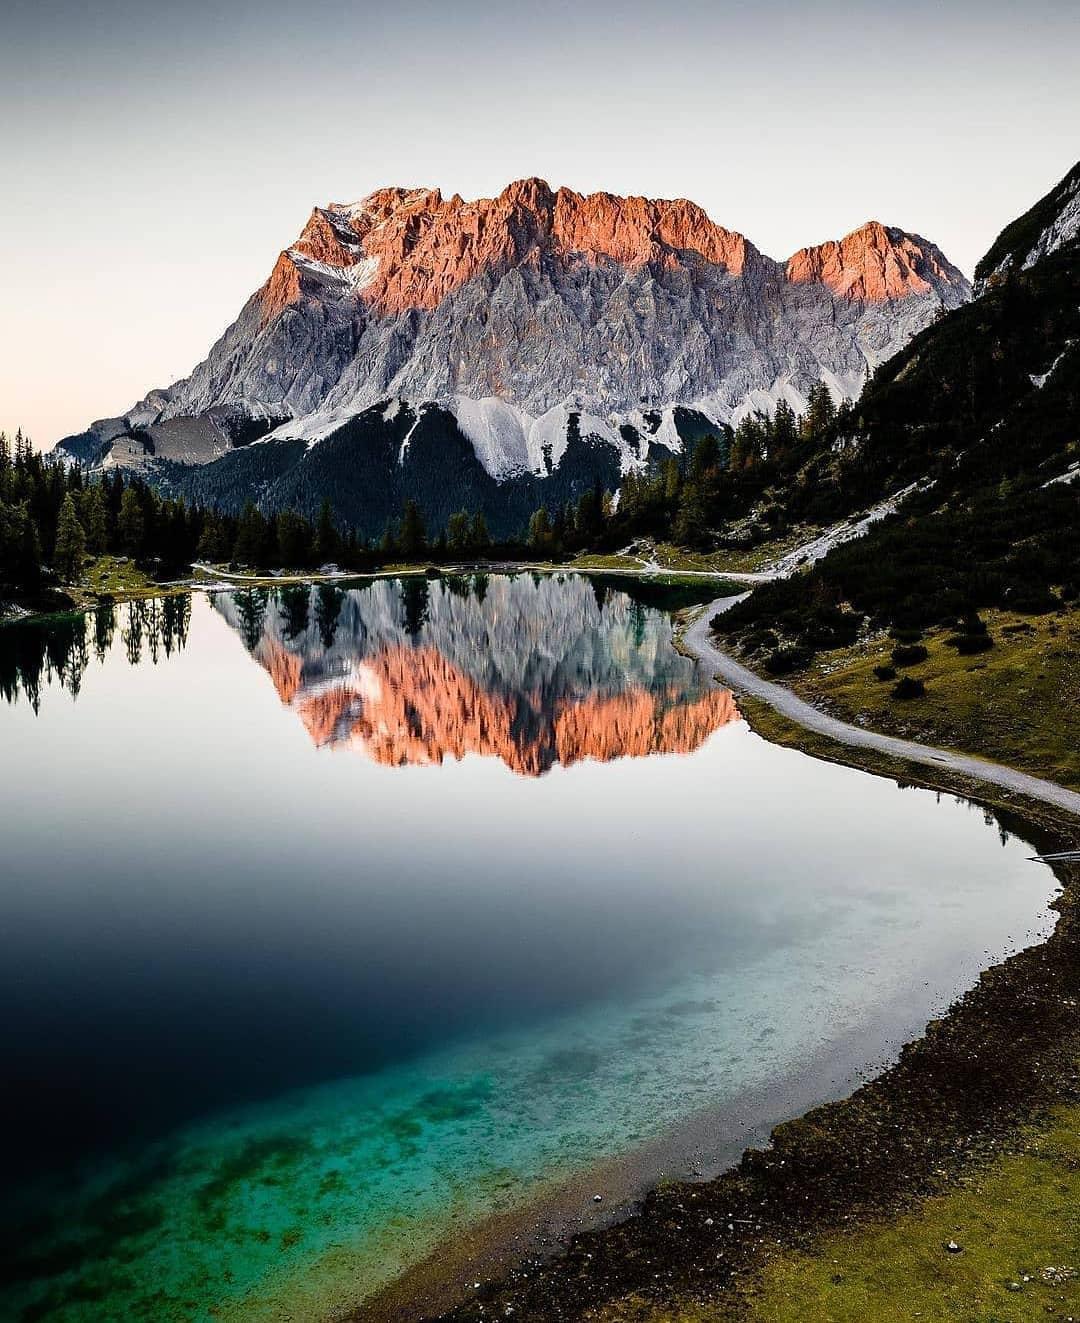 Cerro Castillo and lake, in the Aisen area, Chile